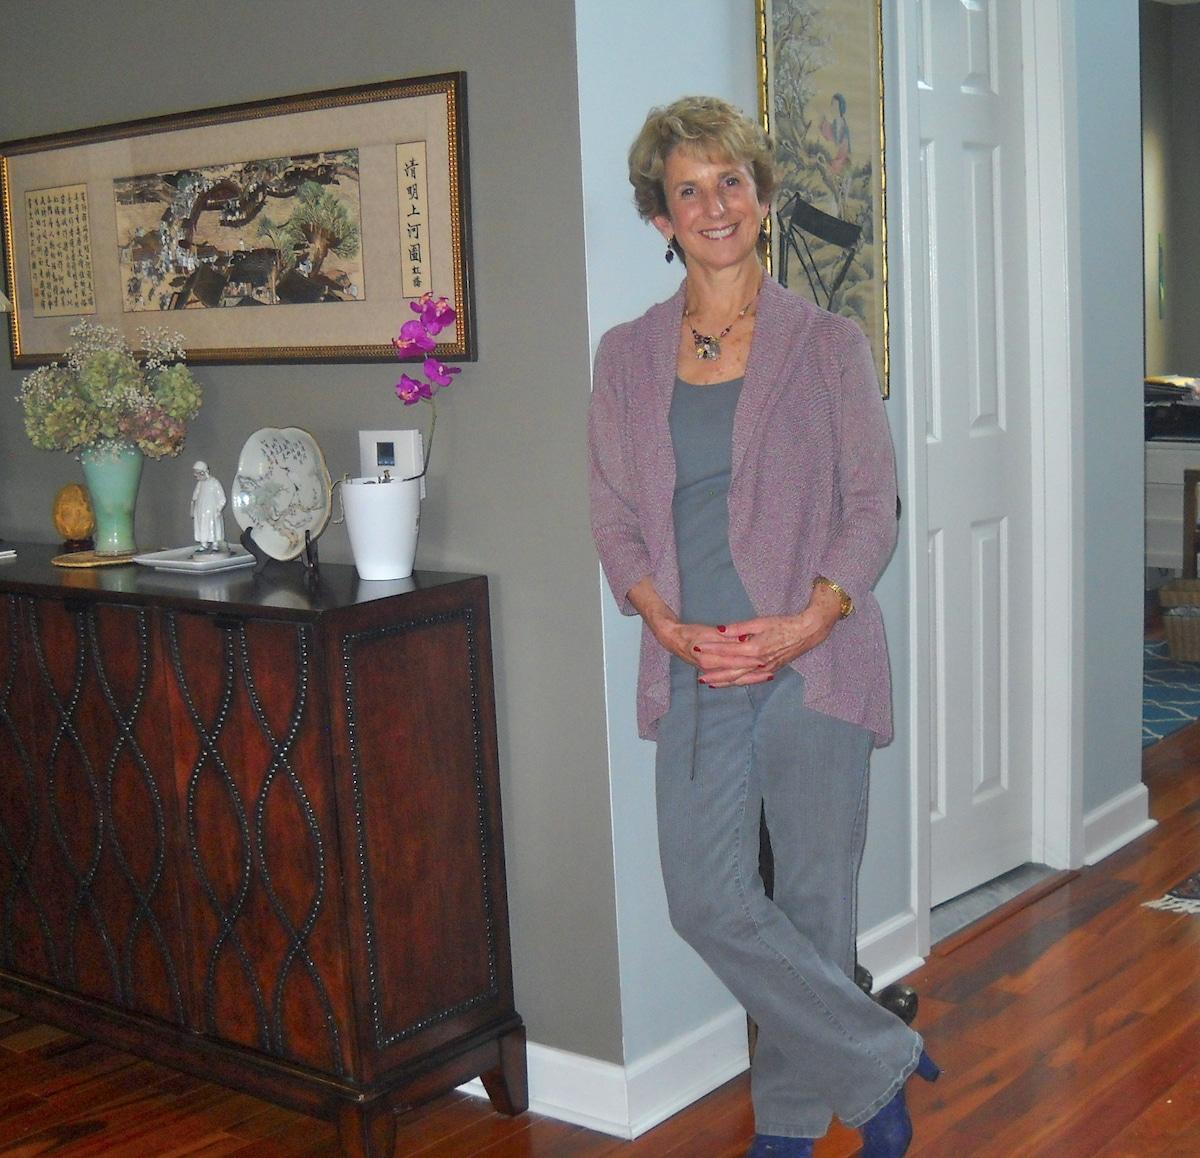 Susan from West Orange